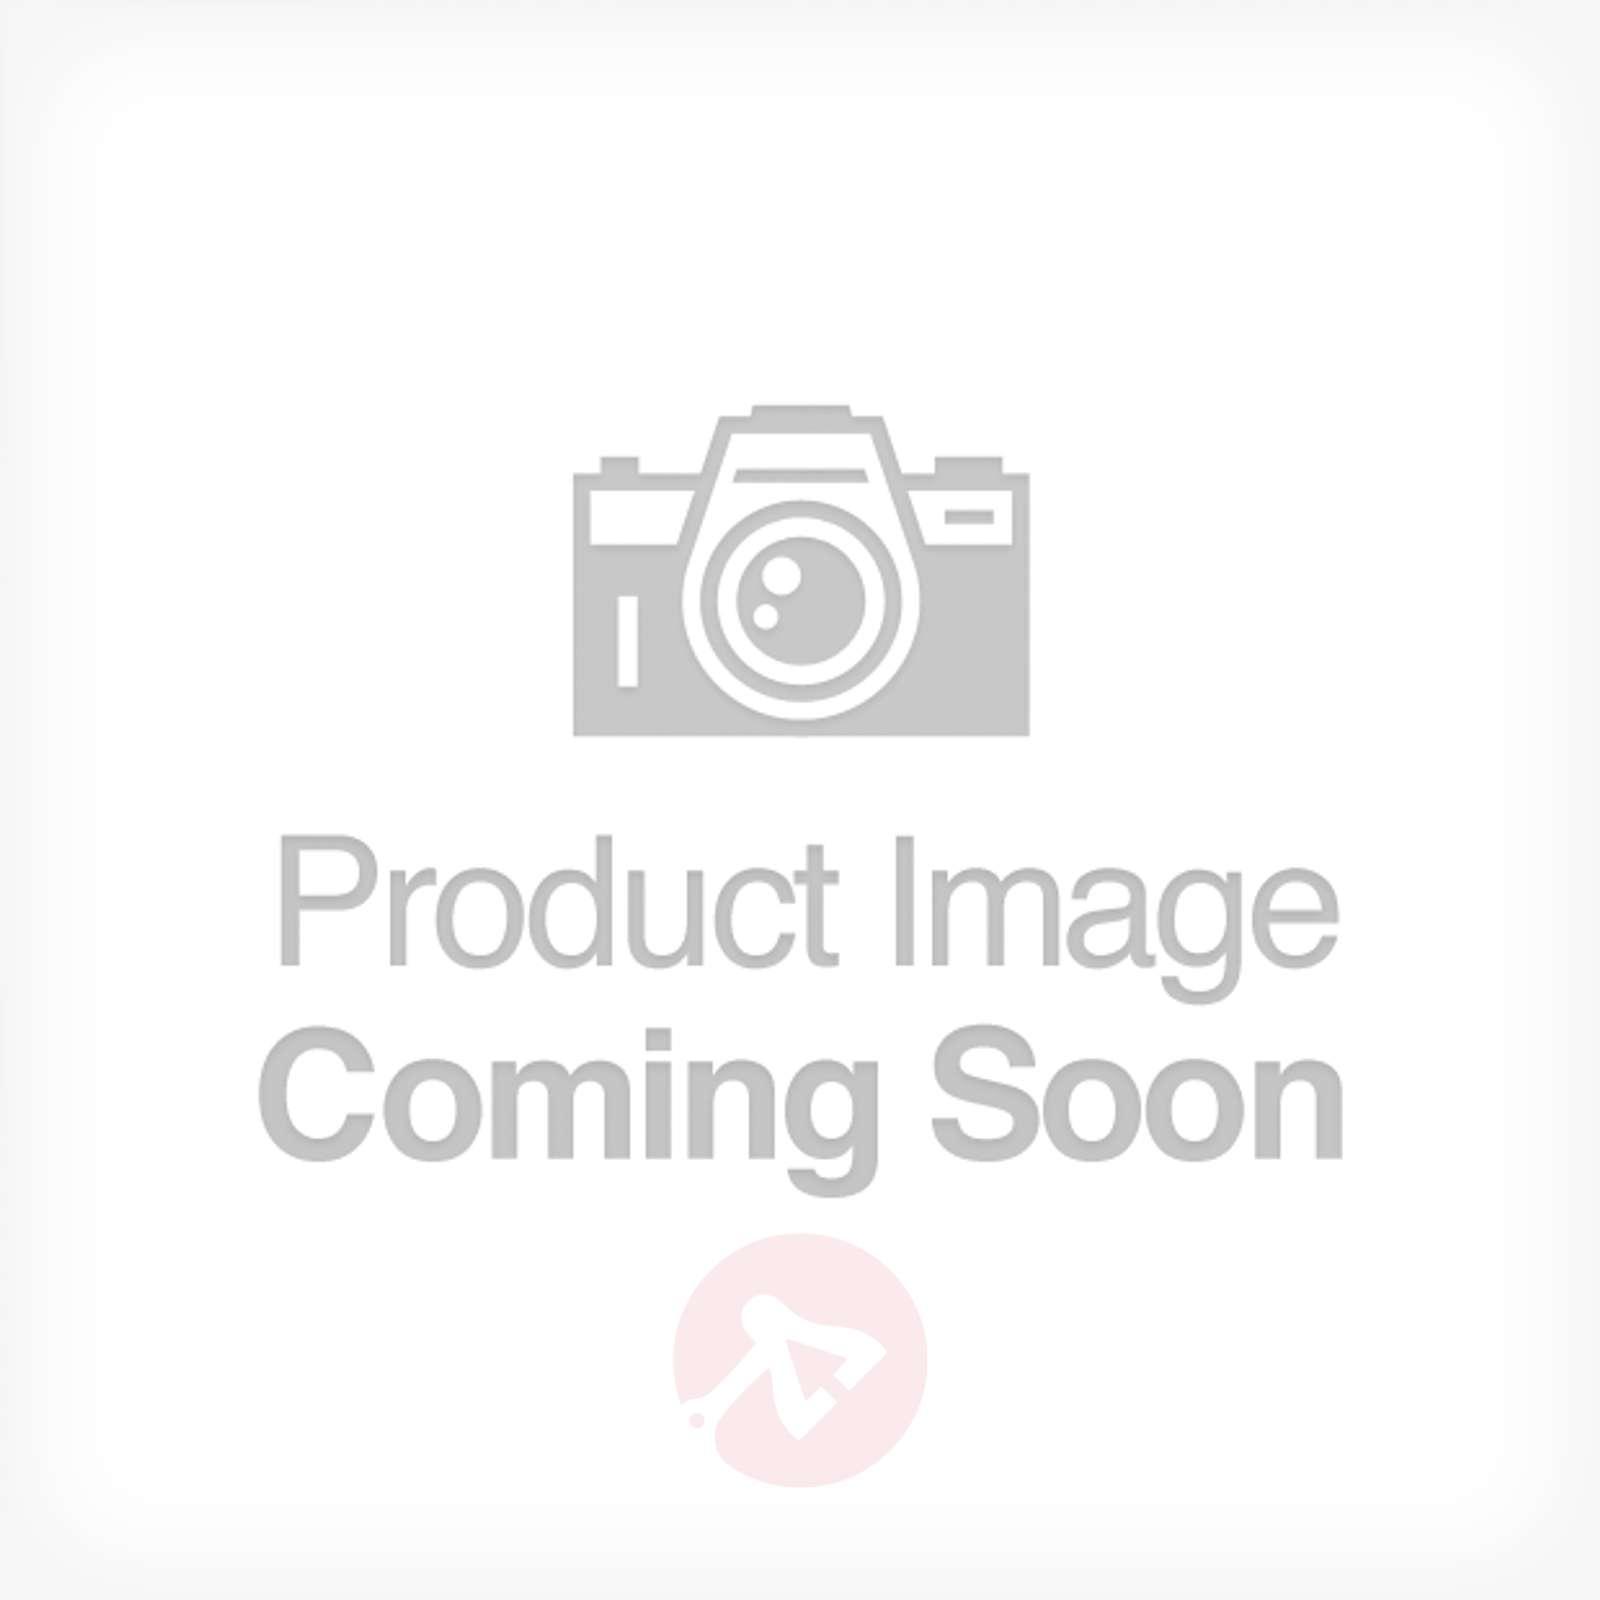 Mikada-kattovalaisin led-valoilla, 4 000 lumenia-7620020-012